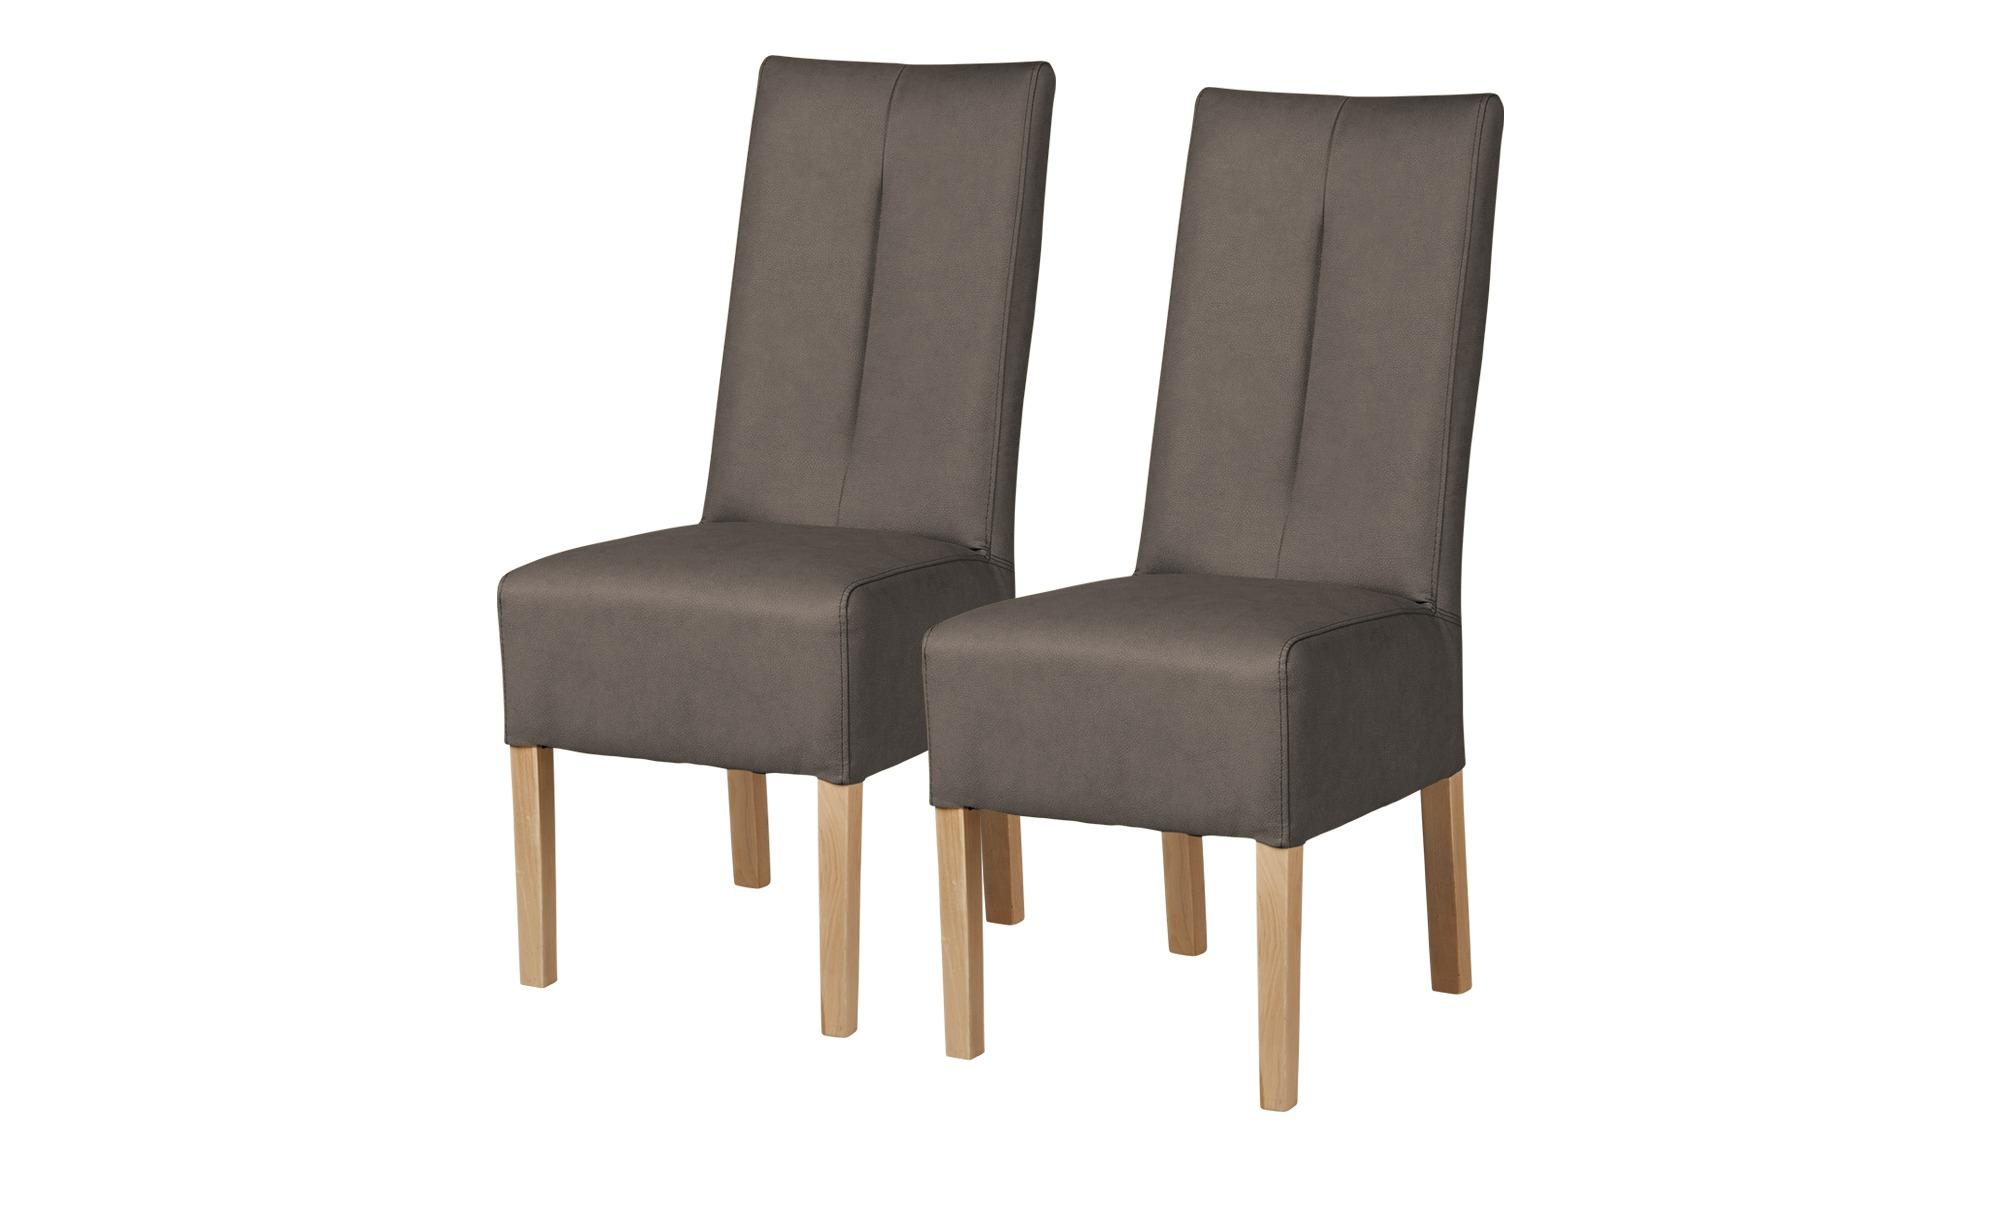 Polsterstuhl 2er Set Eiche braun - braun - 44 cm - 103 cm - 63 cm - Stühle > Esszimmerstühle - Möbel Kraft | Küche und Esszimmer > Stühle und Hocker > Polsterstühle | Möbel Kraft